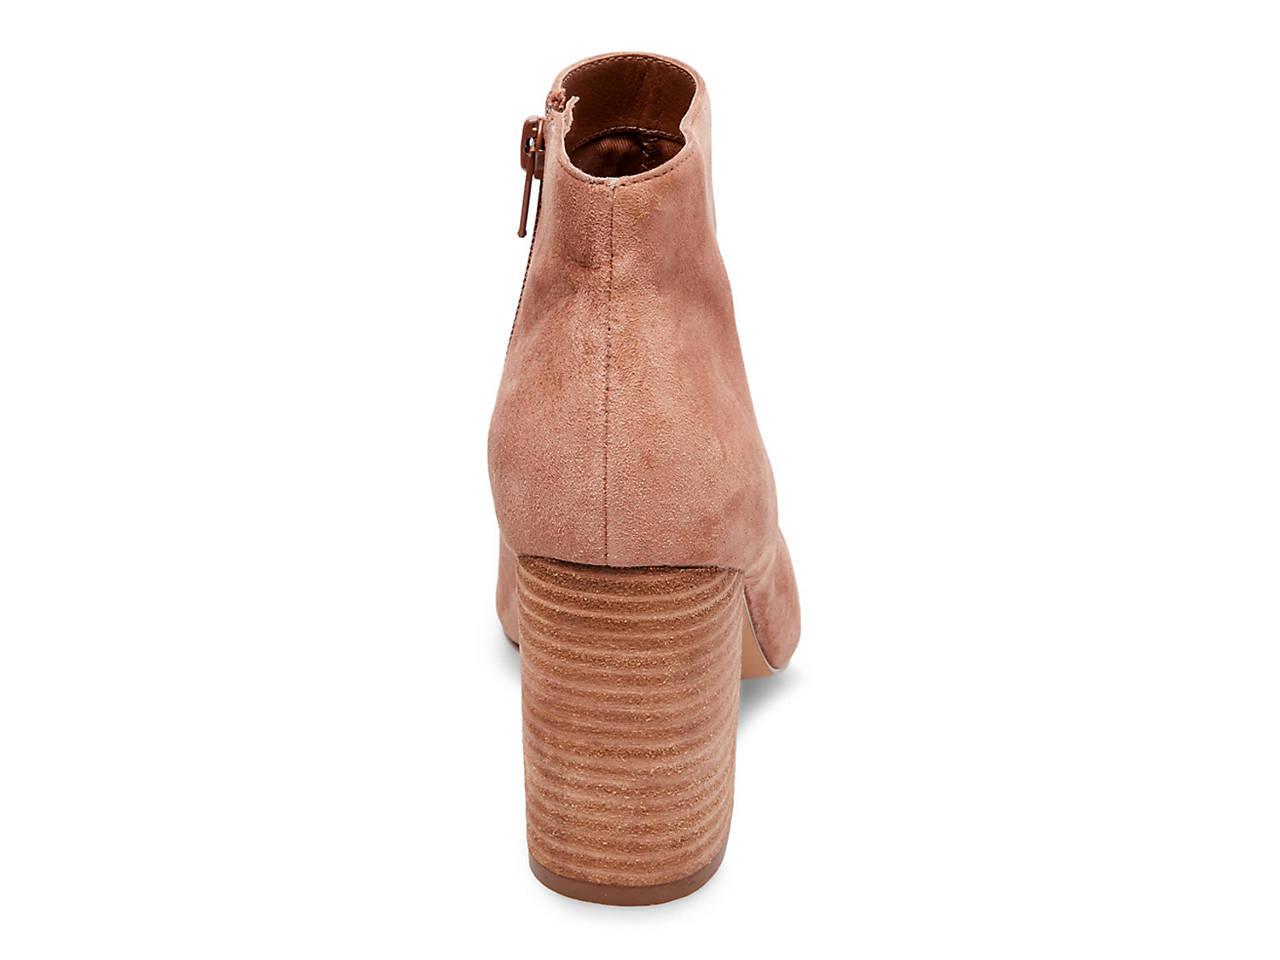 43721fdf2e2 Steve Madden Simmer Bootie Women s Shoes